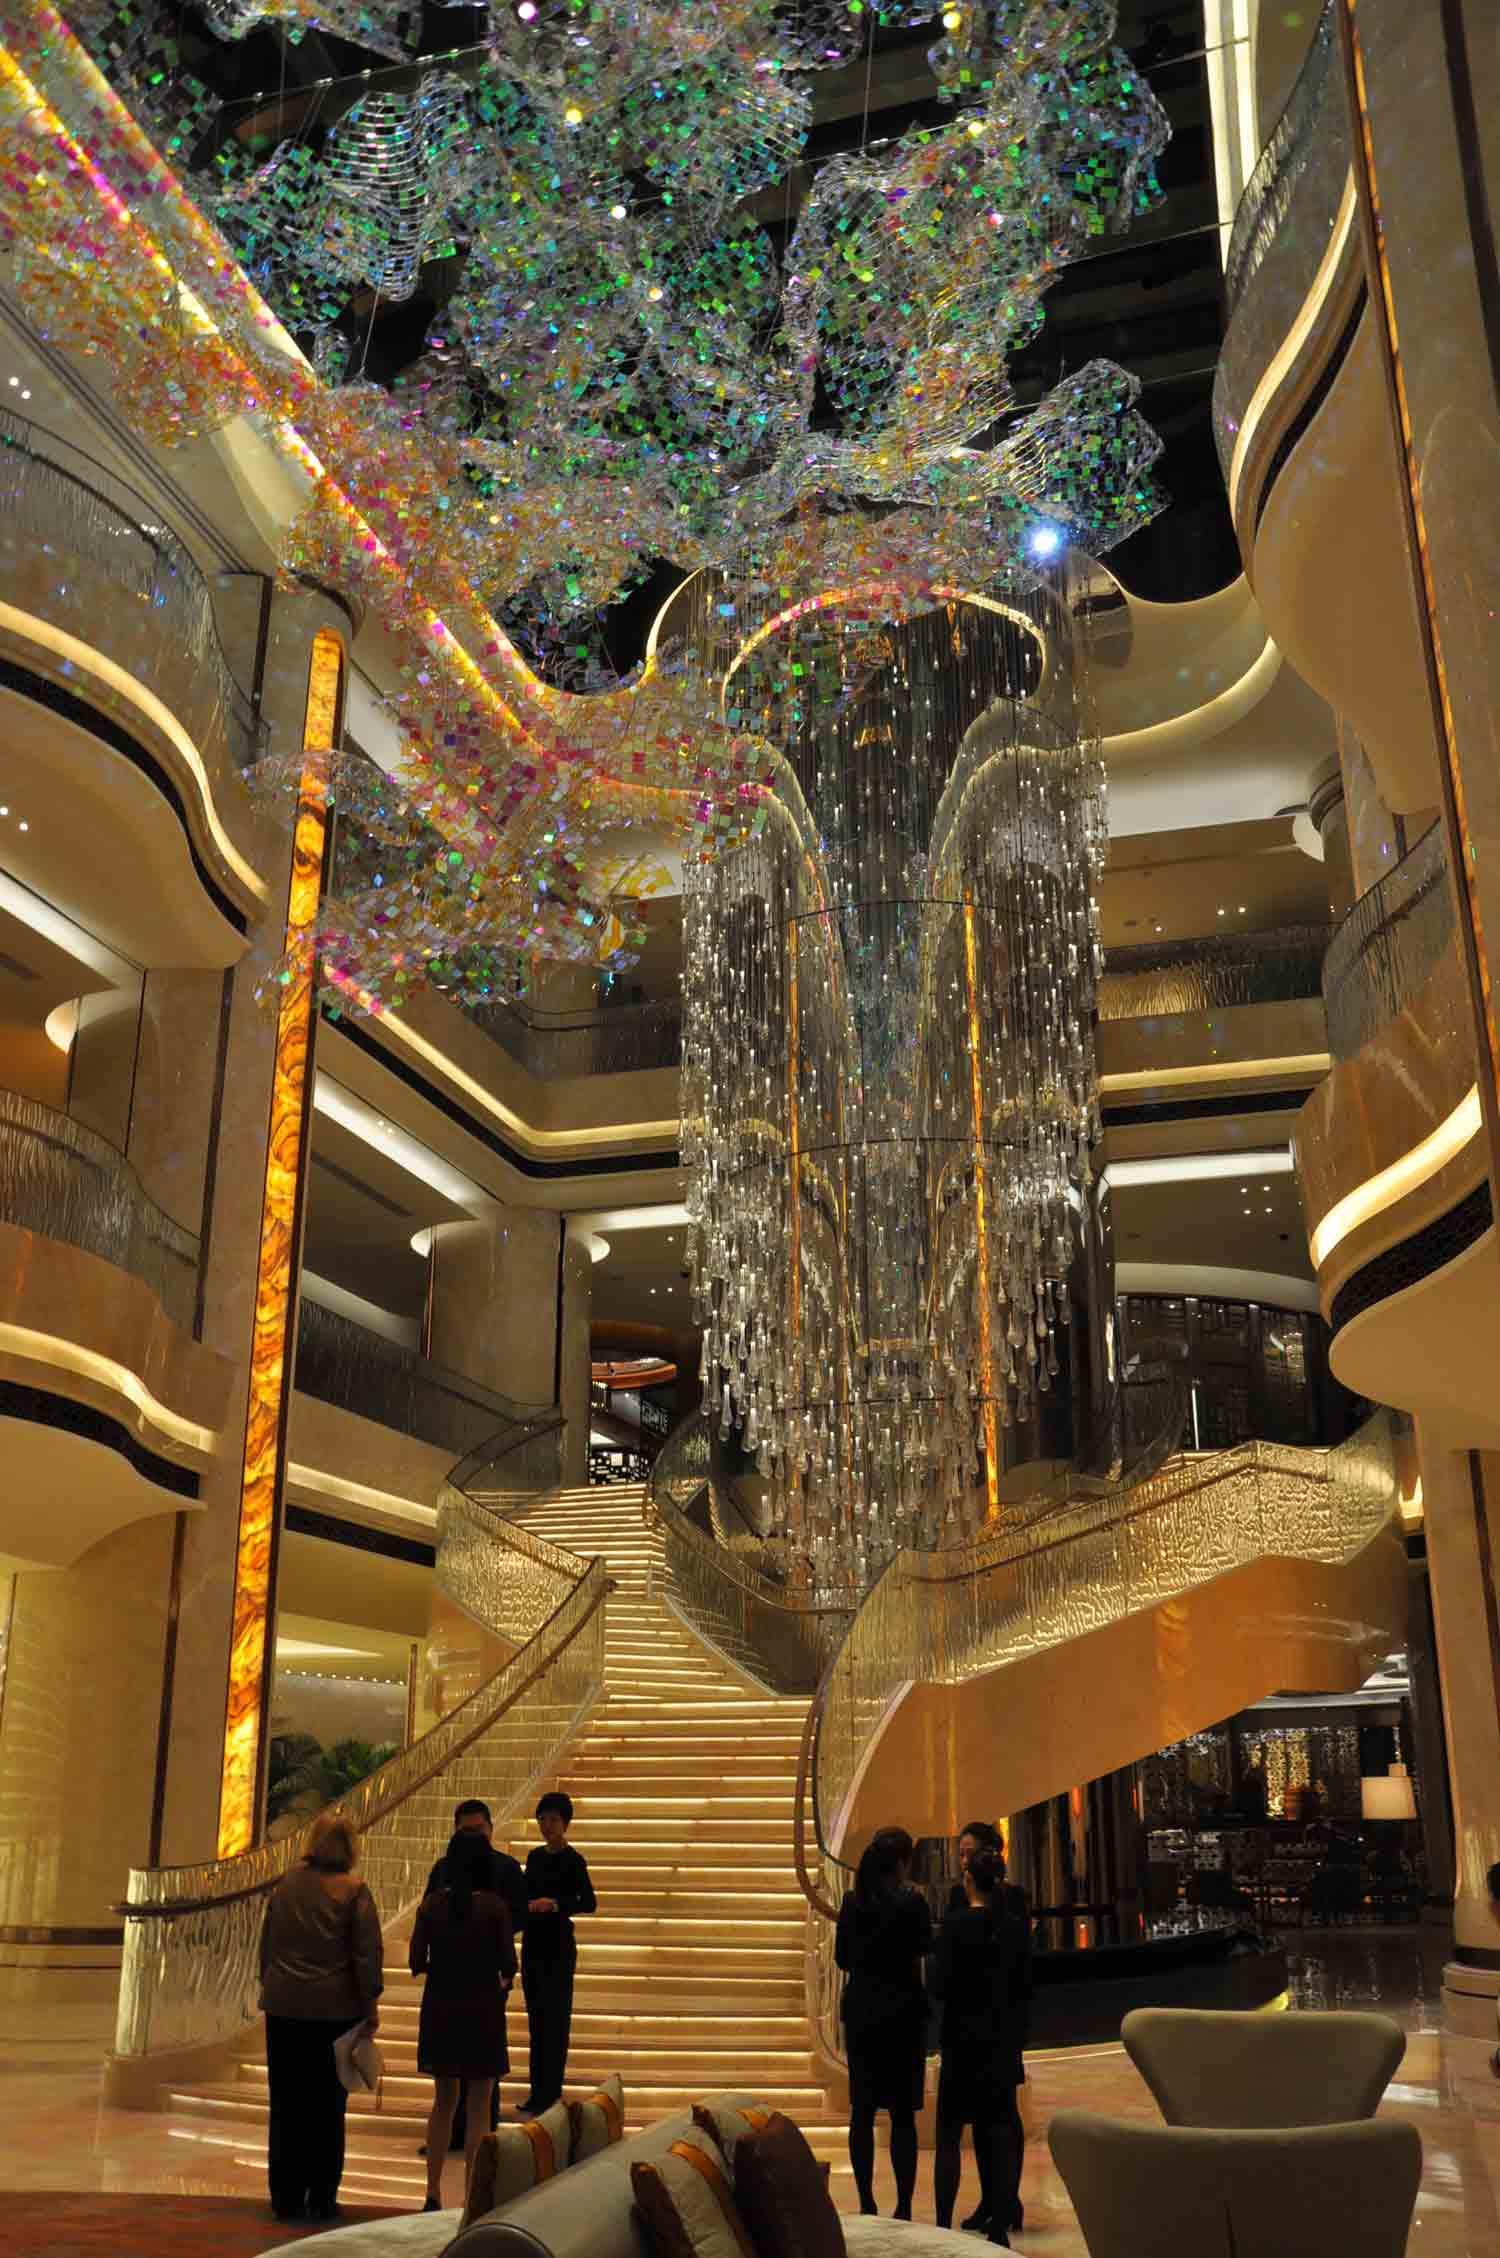 JW Marriott lobby